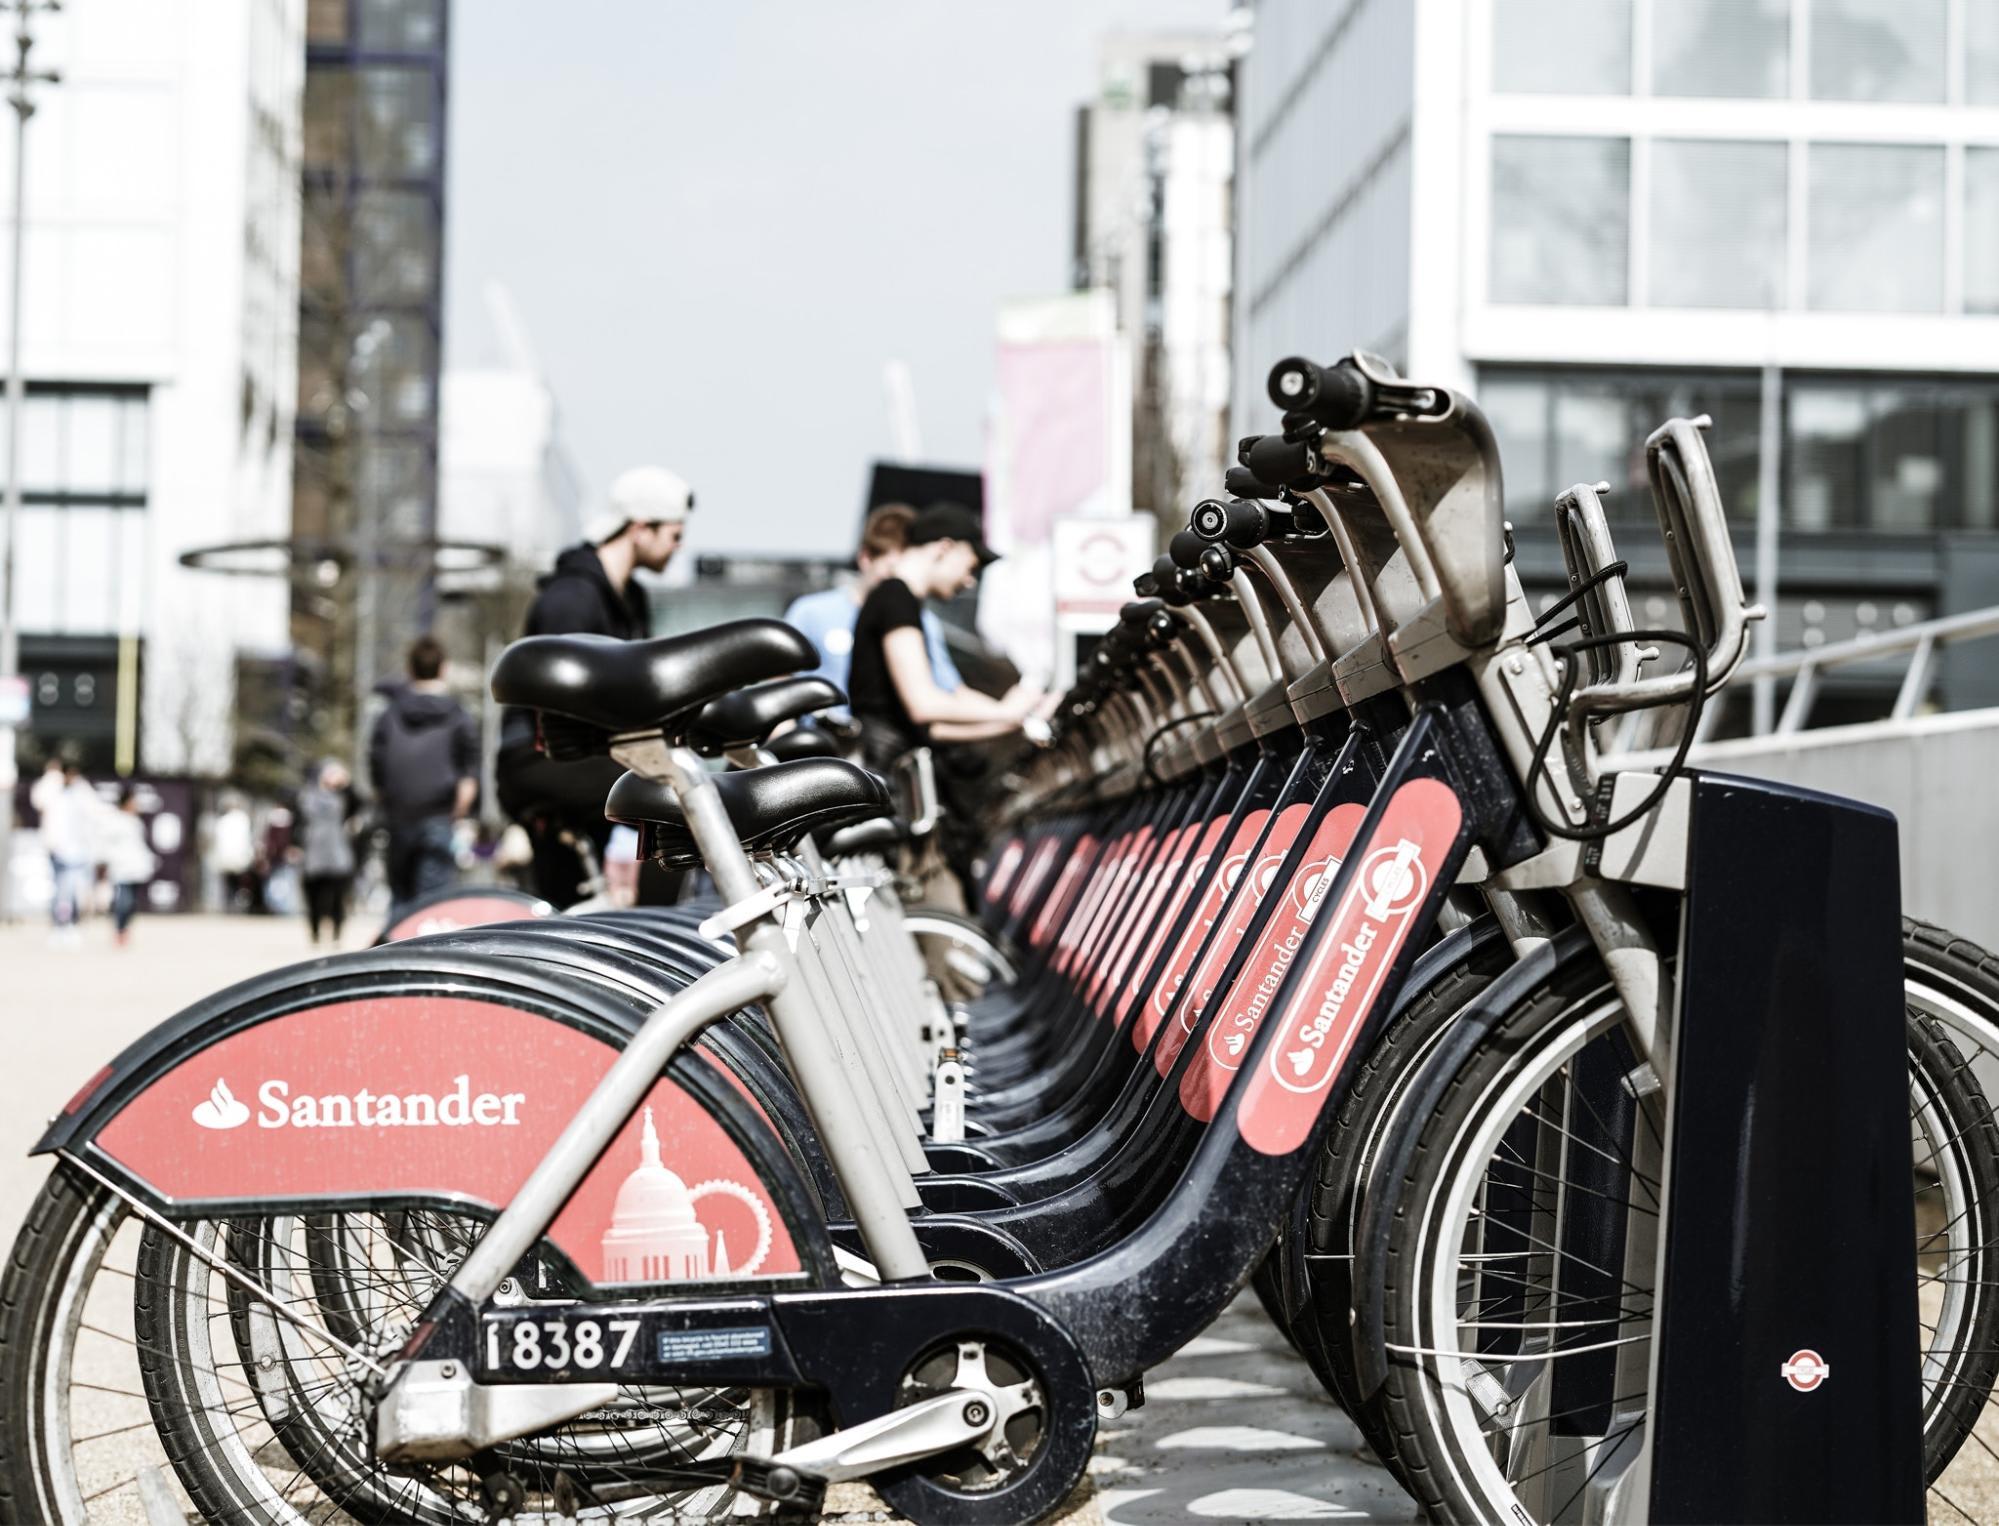 ปั่นจักรยาน Boris หรือ Santander